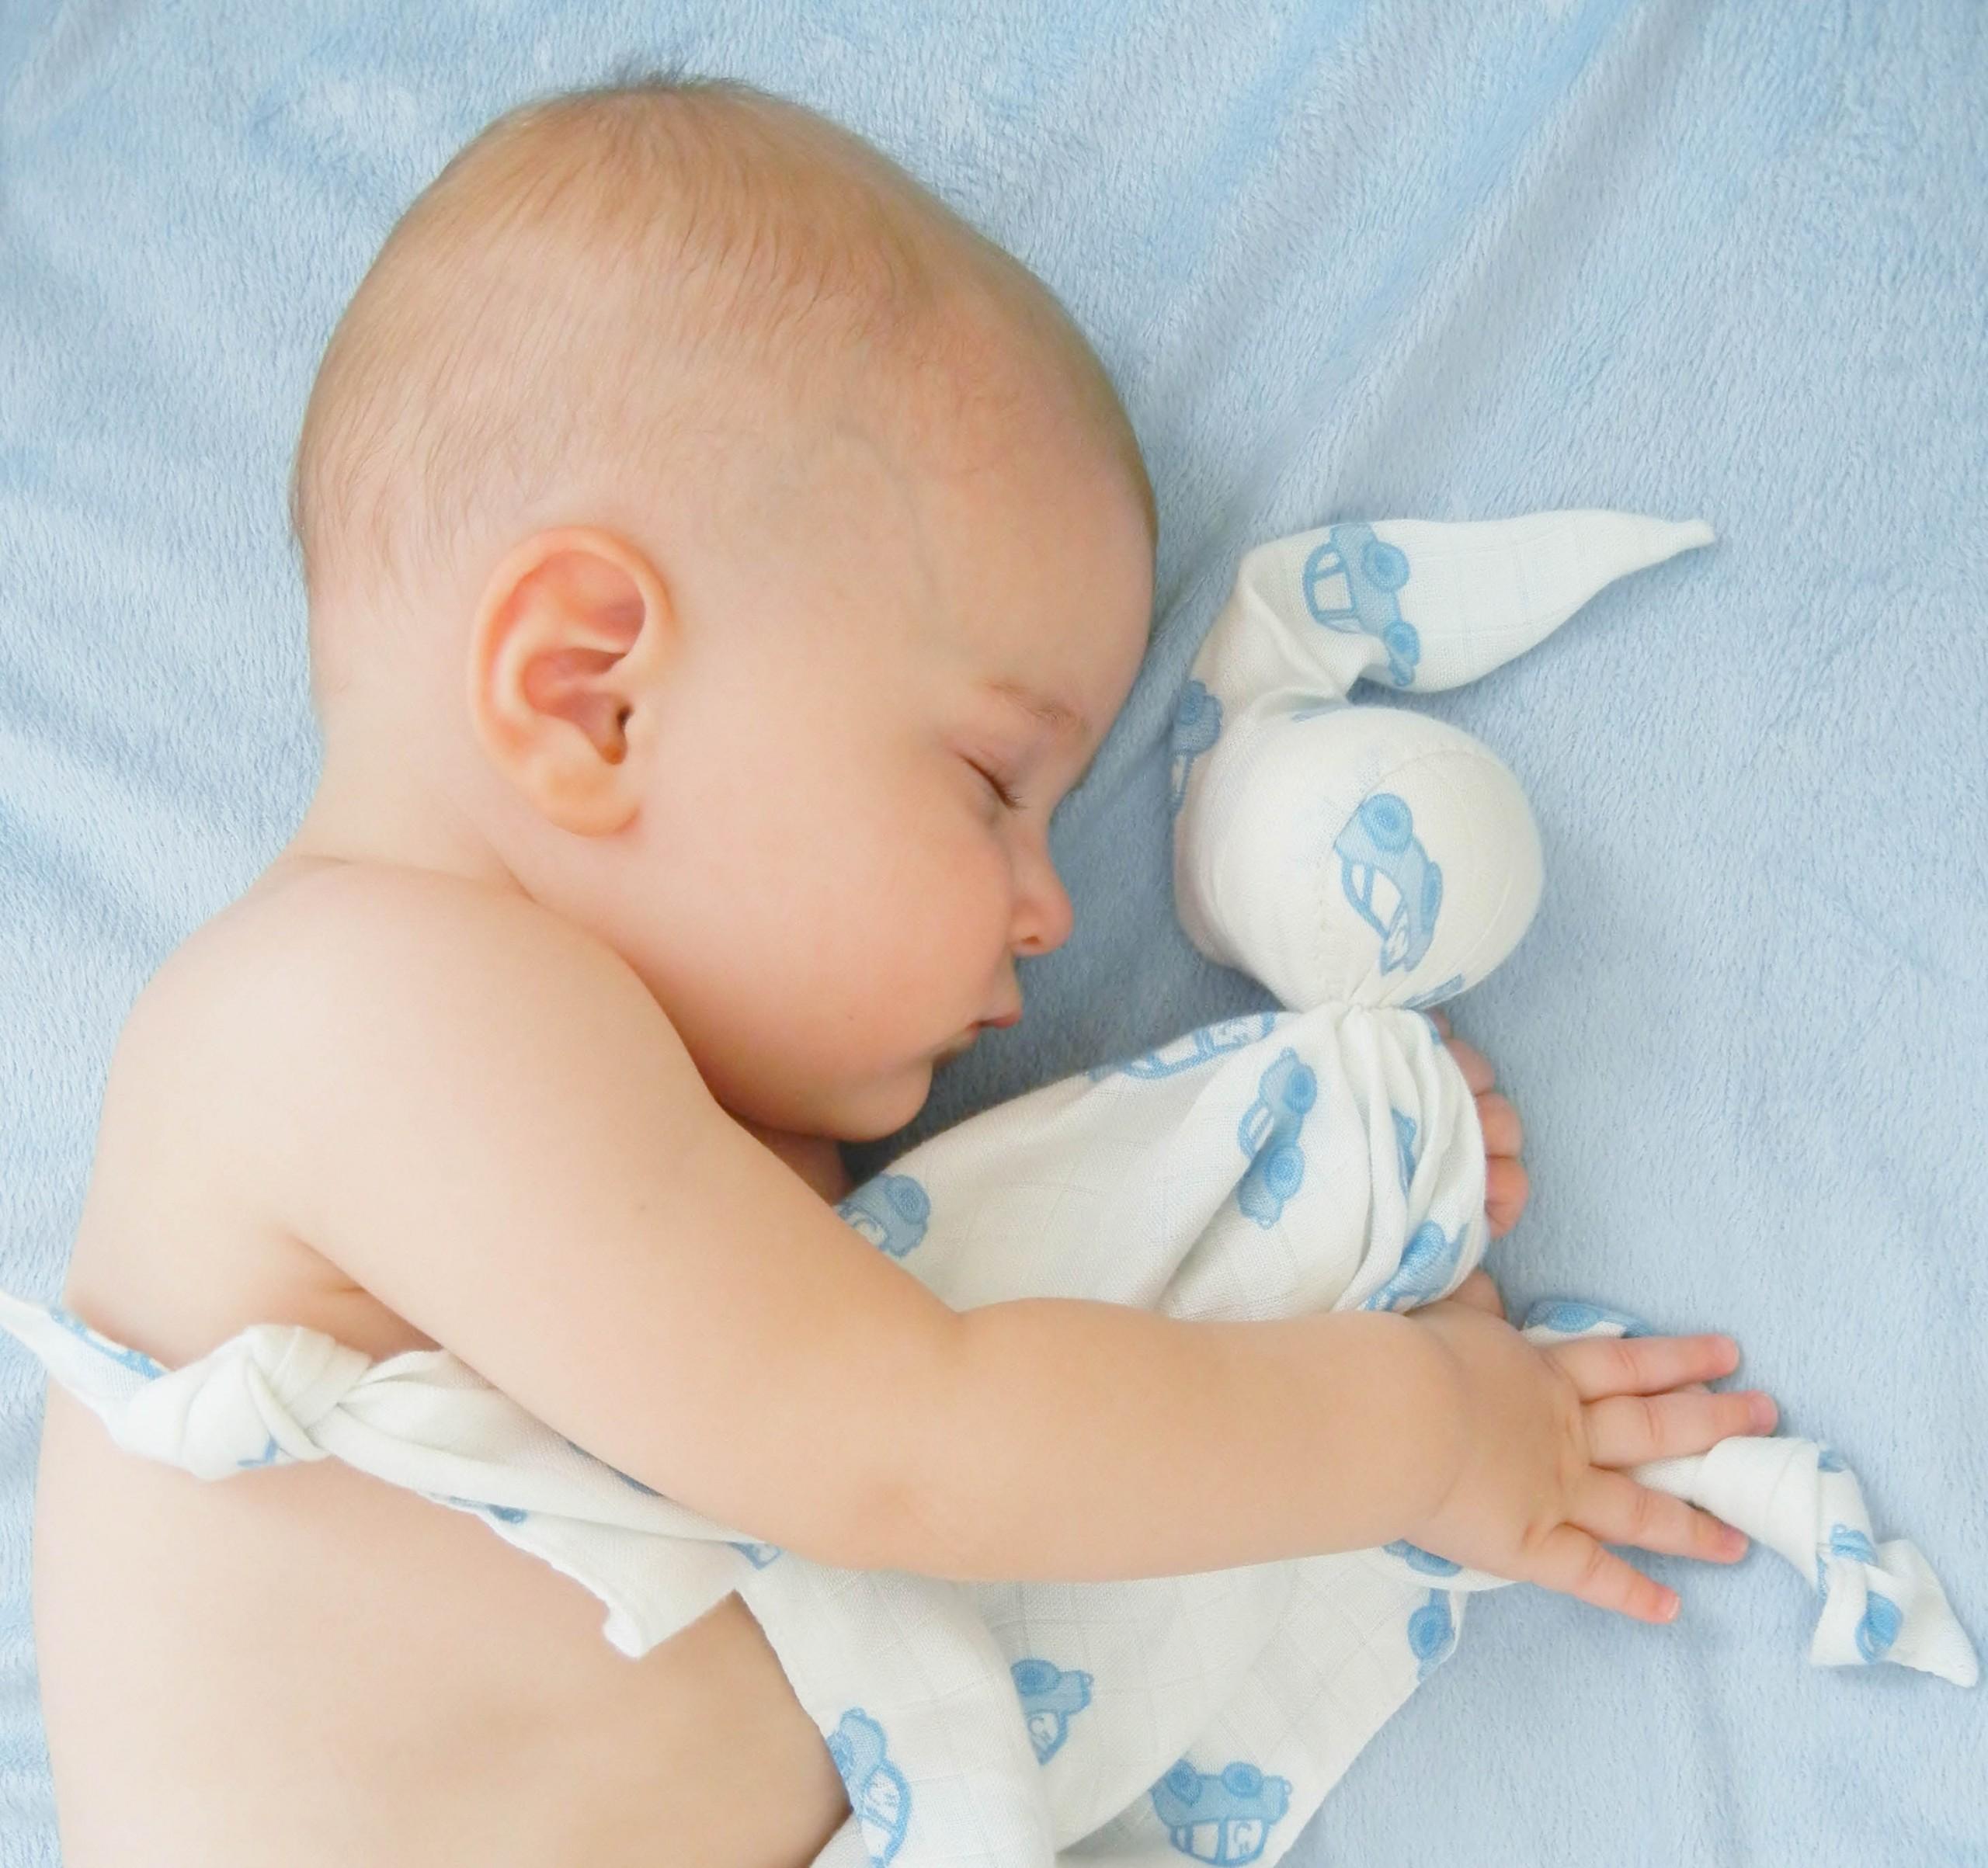 Ребенок чувствует себя с комфортером максимально расслабленно